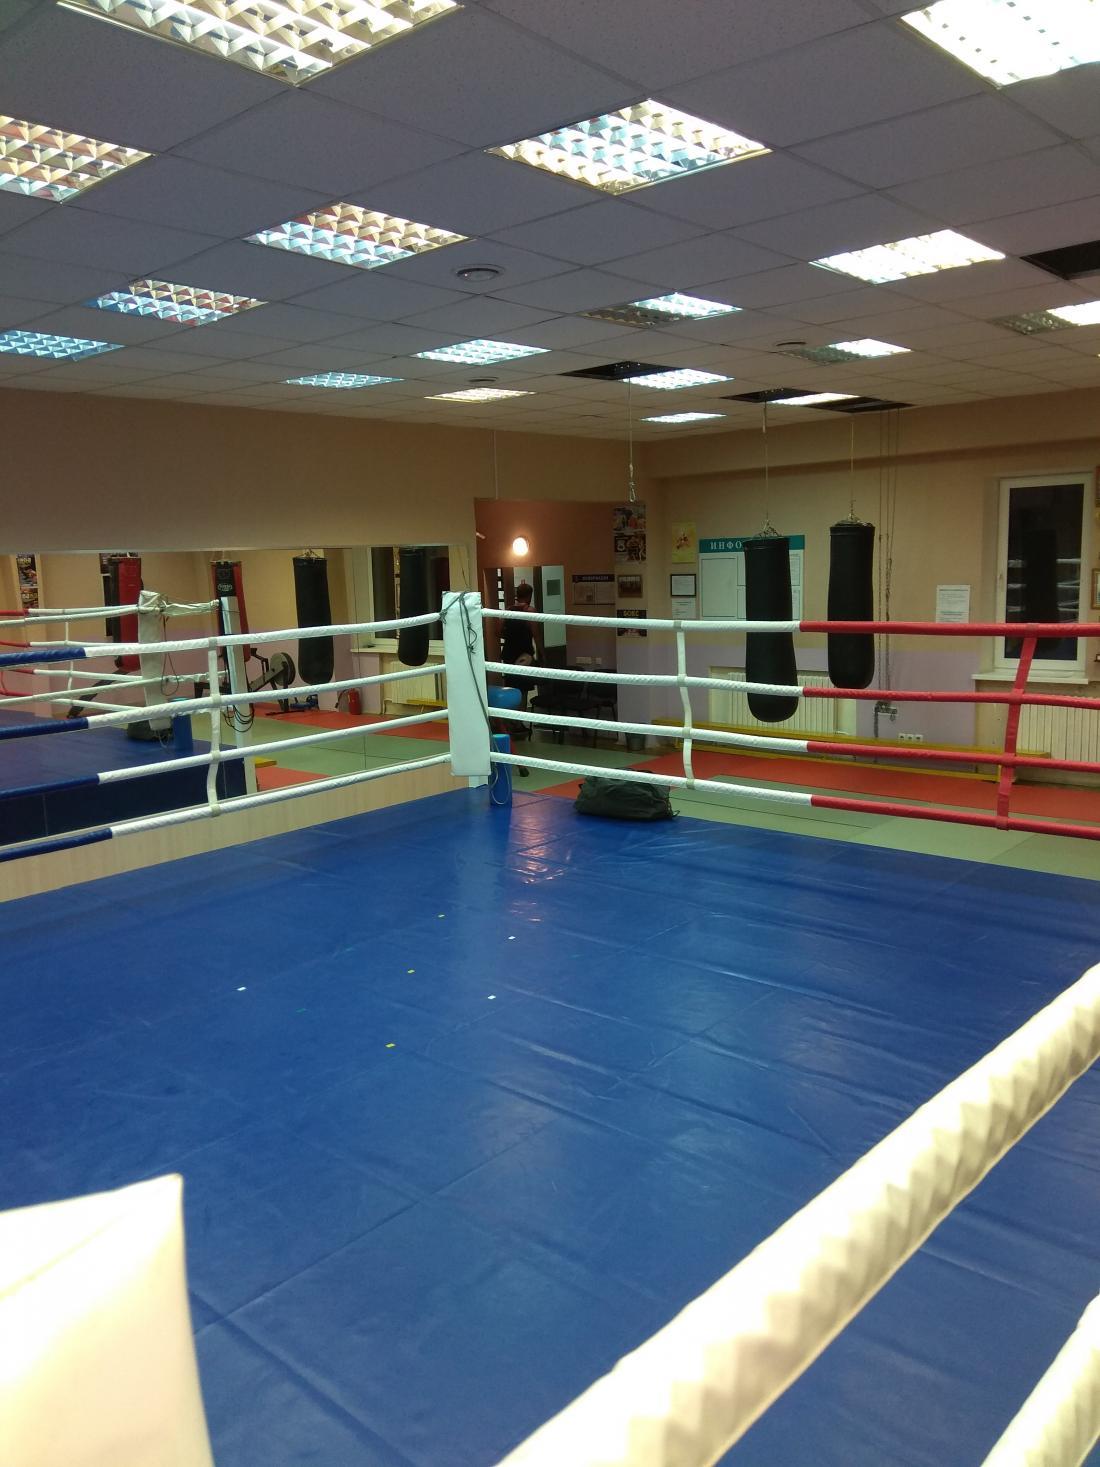 """Первая тренировка по боксу бесплатно (0 руб), абонементы от 25 руб. в клубе """"Боксерский ринг"""""""